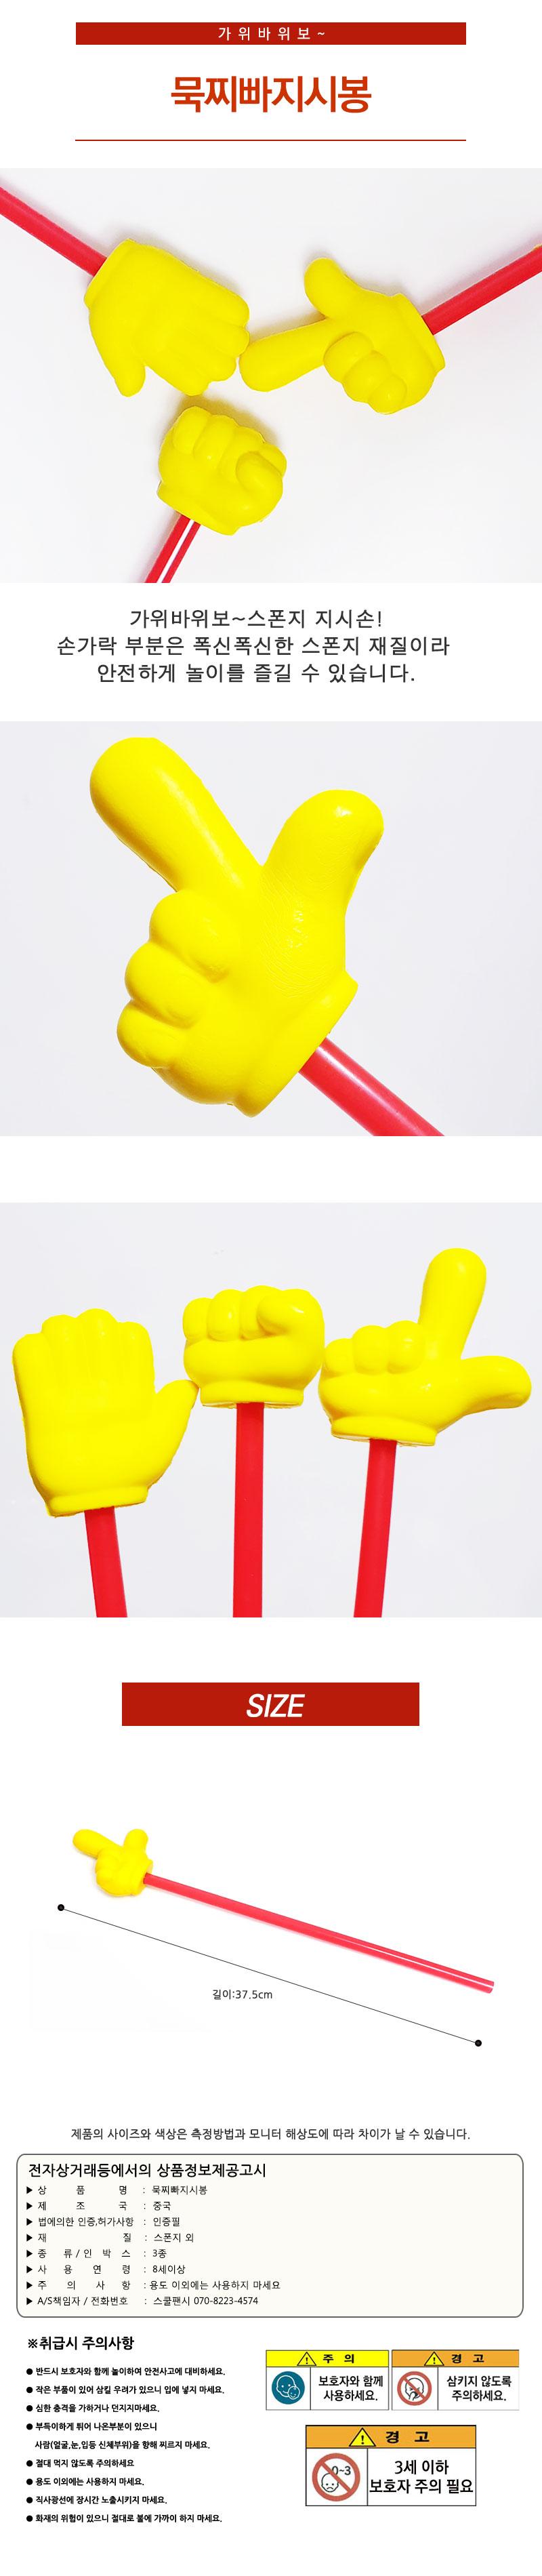 묵찌빠손가락지시봉 랜덤 - 아토, 1,000원, 아이디어 상품, 아이디어 상품